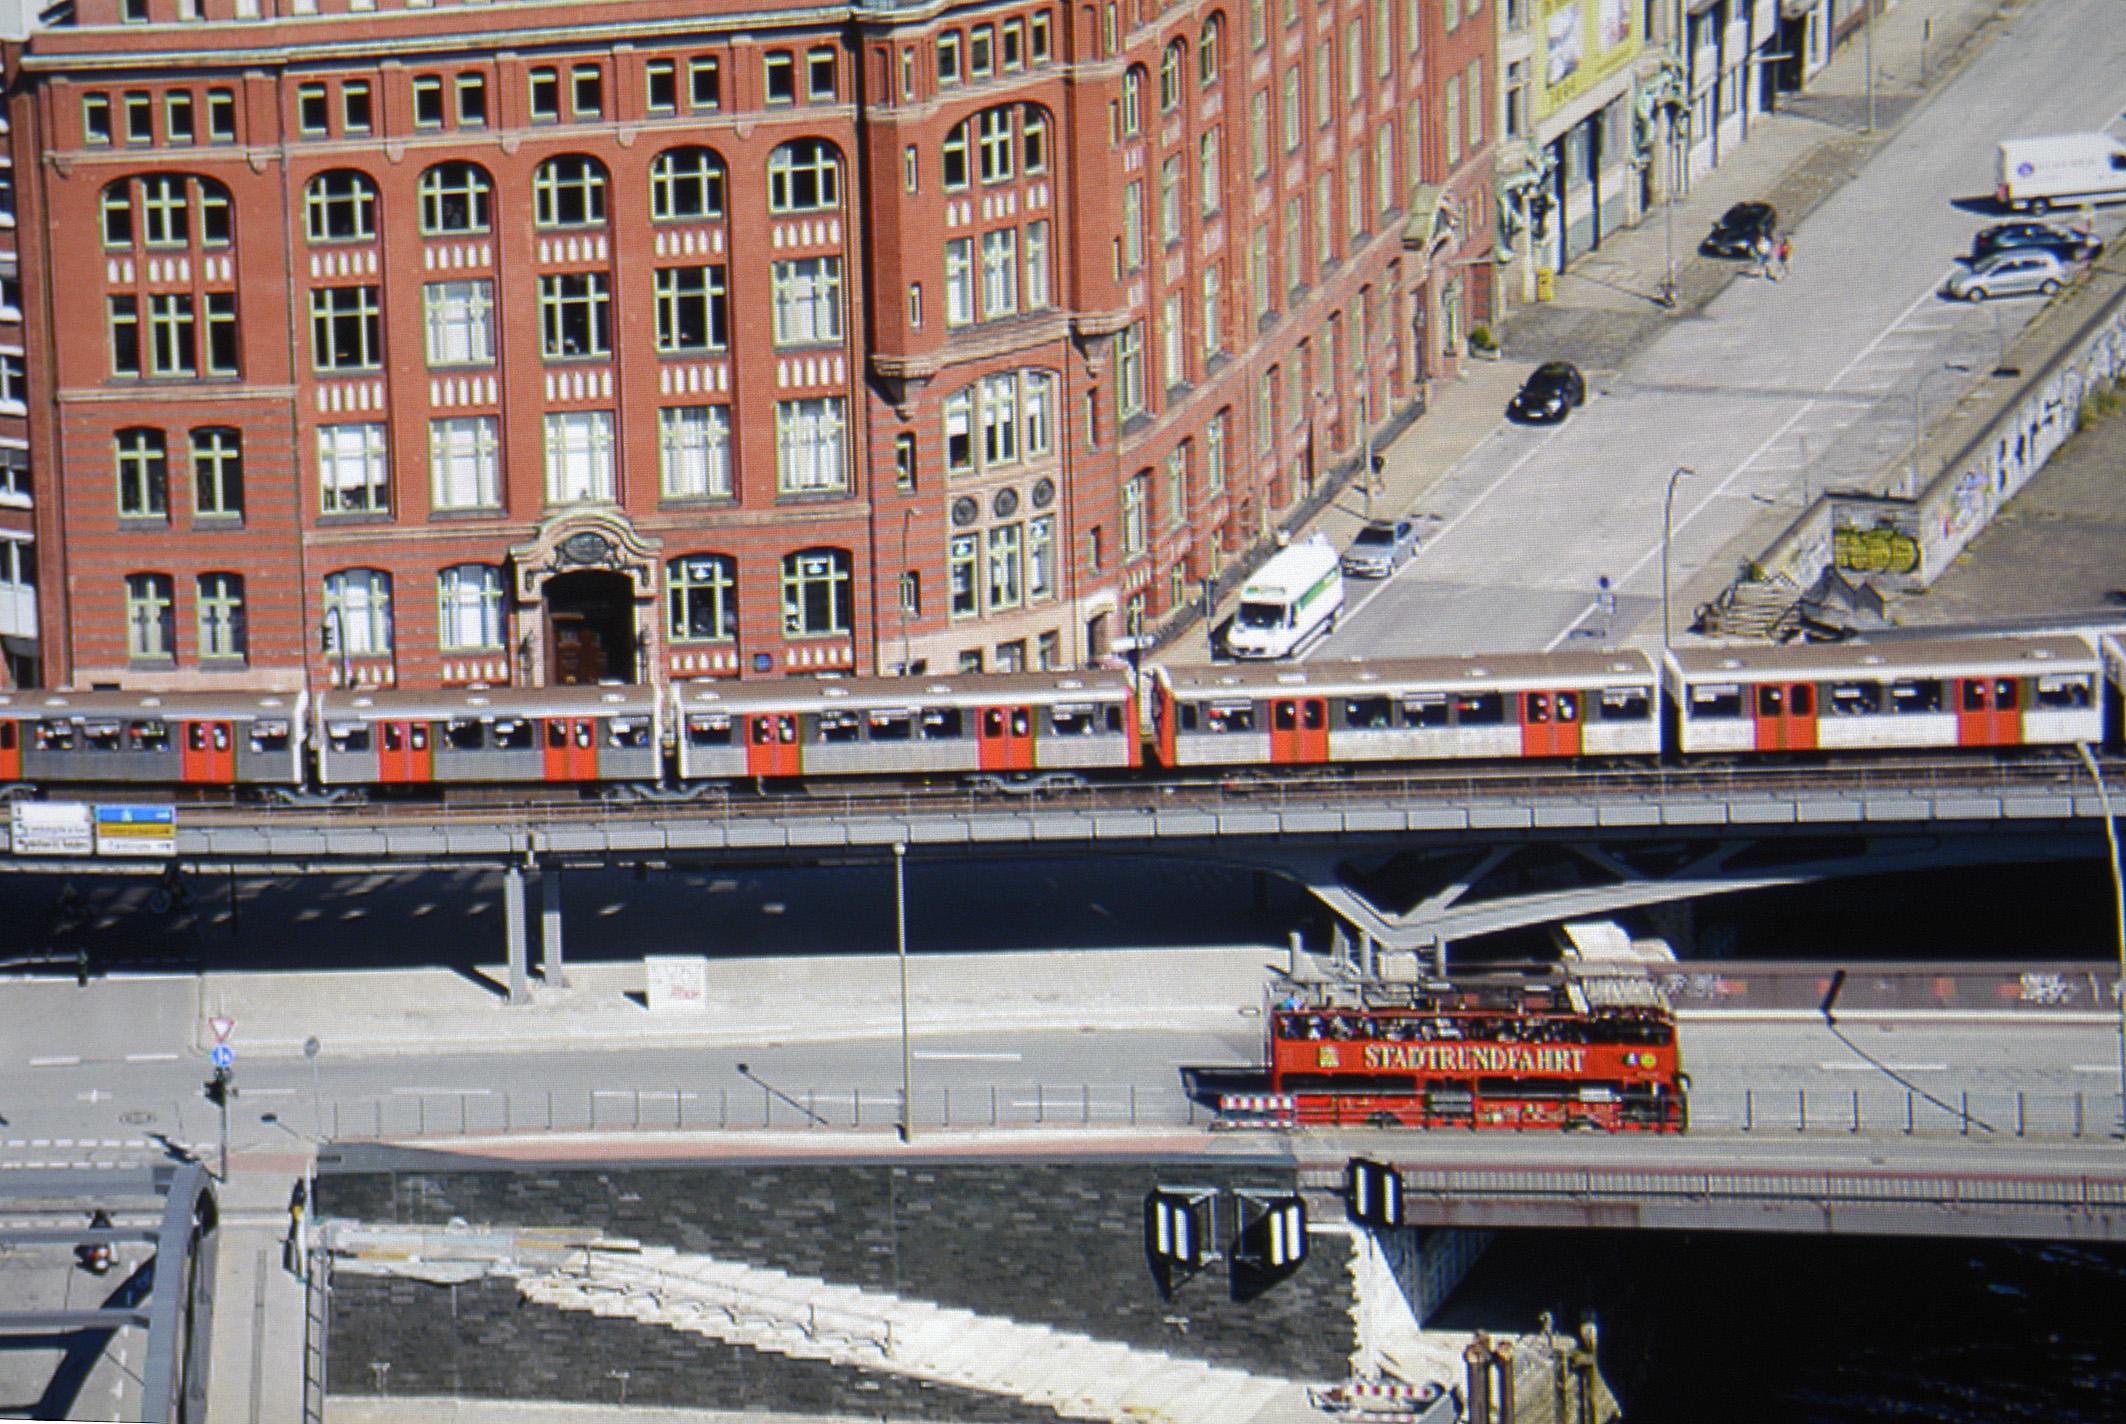 Foto: Michael B. Rehders - Auf den ersten Blick ist auf der ca. 1-%-Ausschnittsvergrößerung des Screenshots zu erkennen, dass der Schriftzug STADTRUNDFAHRT auf dem roten Doppeldecker vollständig lesbar ist. Das Wappen von Hamburg ist daneben komplett abgebildet. Der graue Asphalt und die orangen Türen der U-Bahn sehen natürlich aus. Letztendlich ist der dunkle Bereich unter der Brücke perfekt durchgezeichnet. Alle sichtbaren Inhalte sind vorhanden.